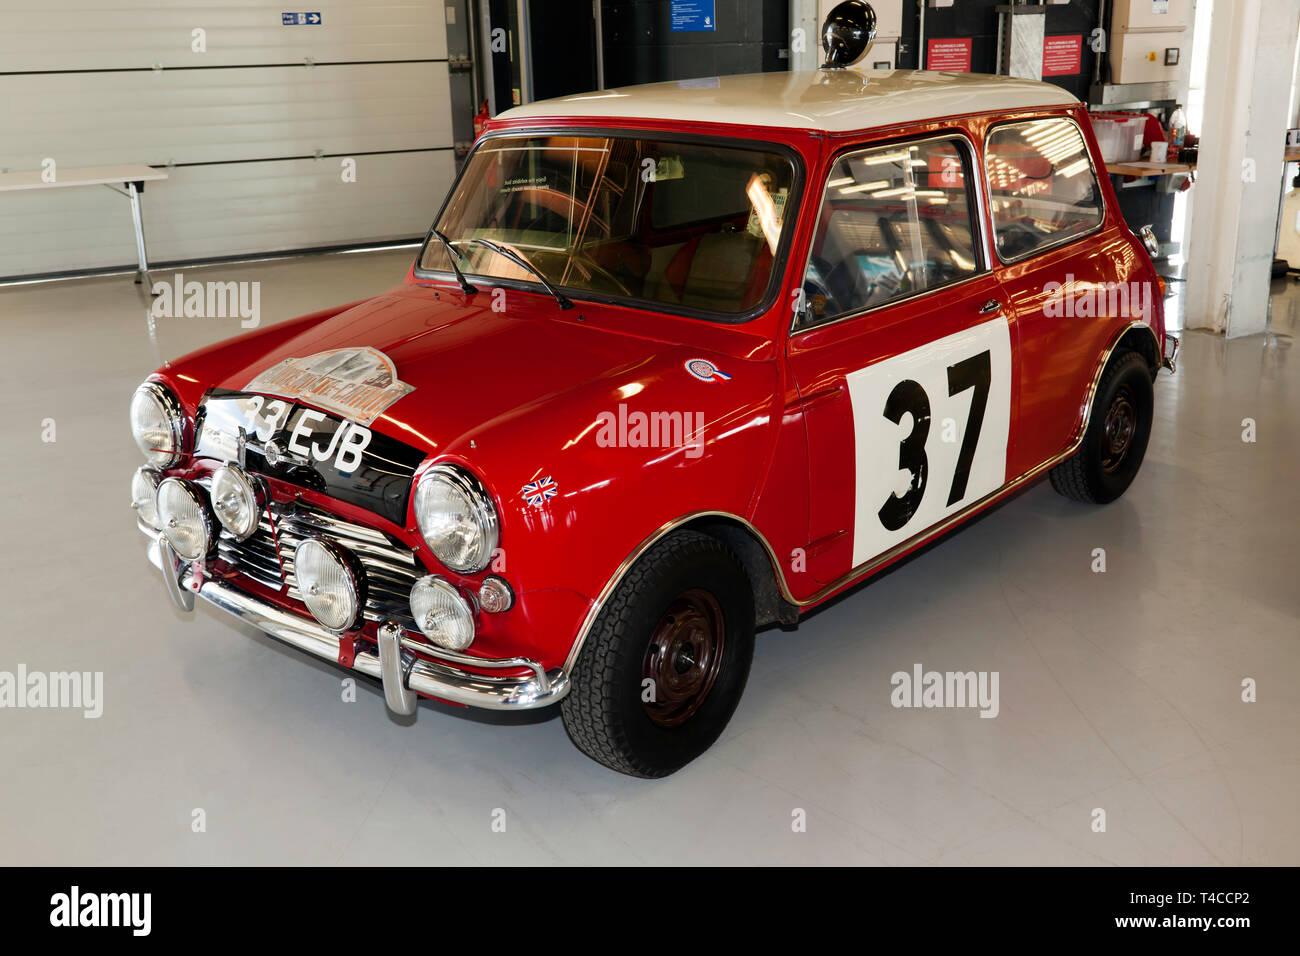 Un 1963 Mini Cooper S pilotato da Paddy Hopkirk MBE preparato da BMC Servizio concorsi che ha vinto vittoria nel 1964 Rally di Monte Carlo Immagini Stock